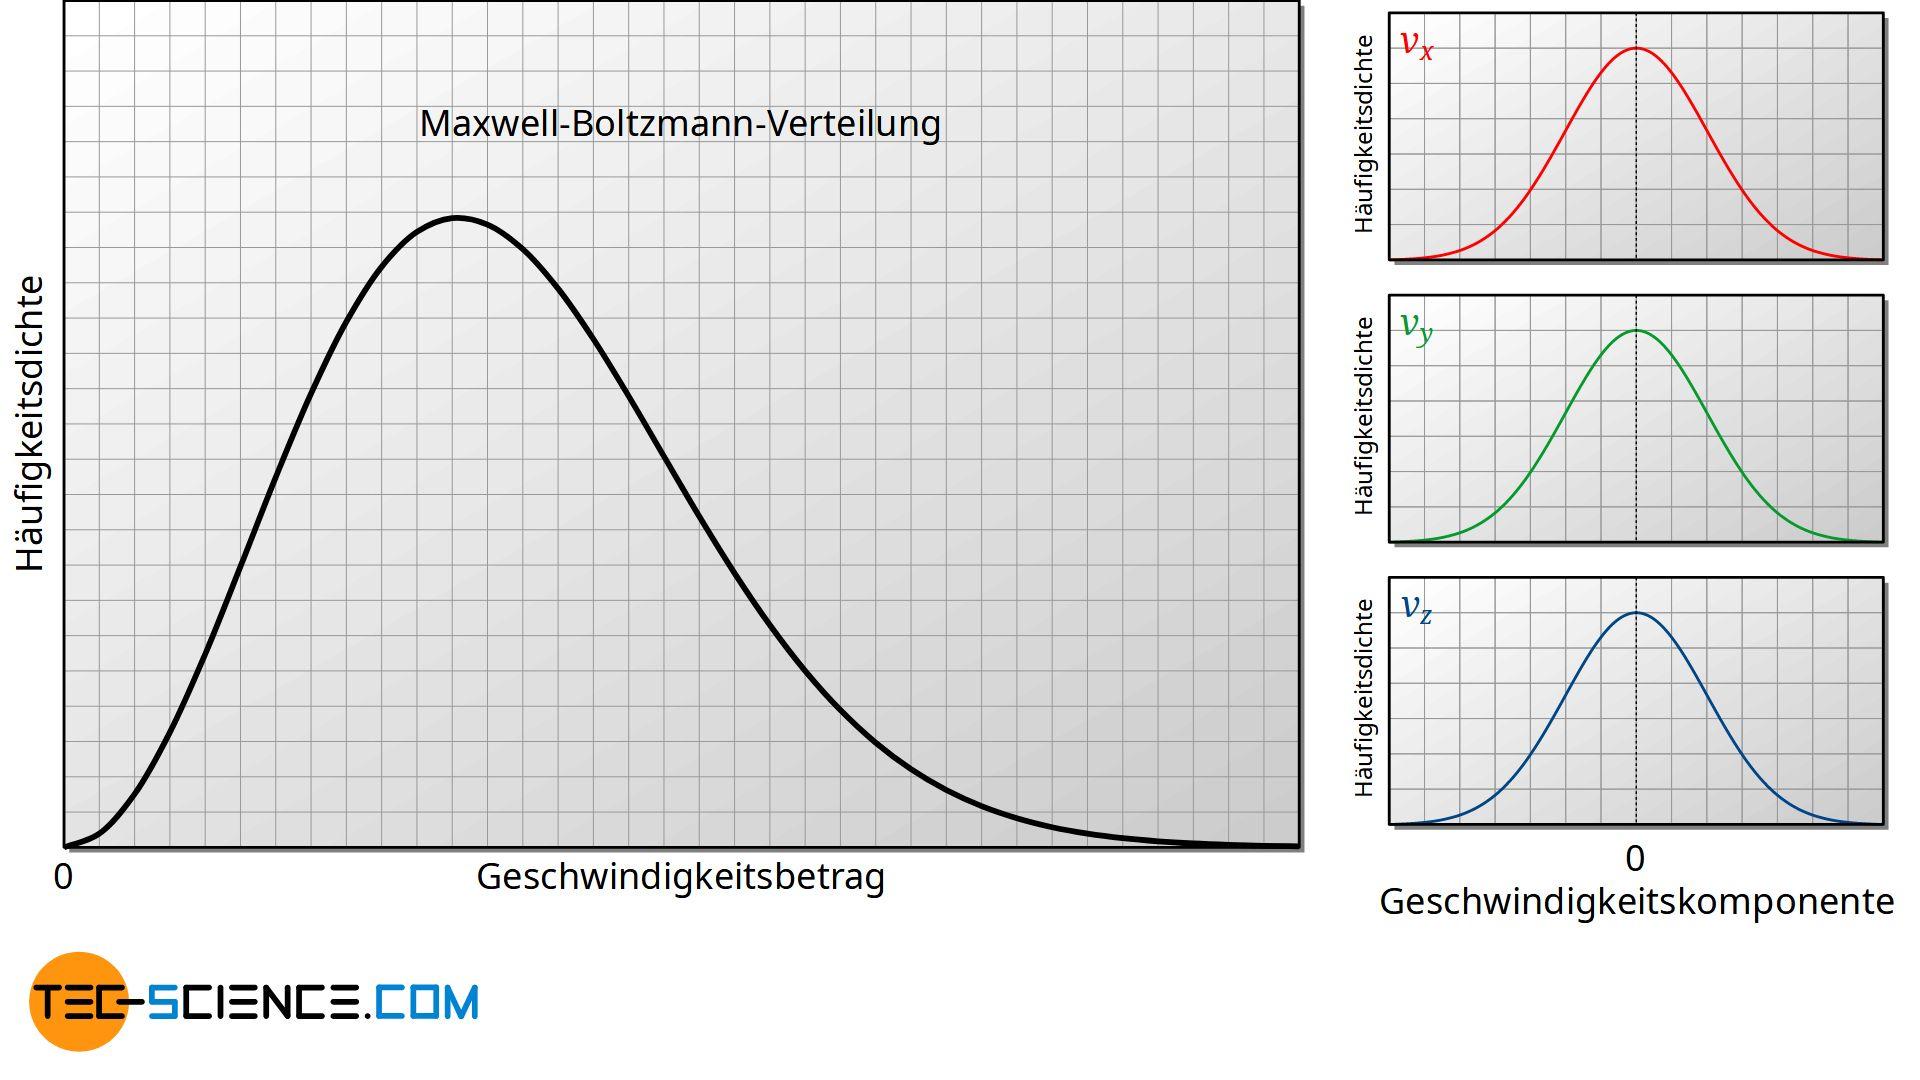 Vergleich zwischen der Verteilung des Geschwindigkeitsbetrags und der Geschwindigkeitskomponenten